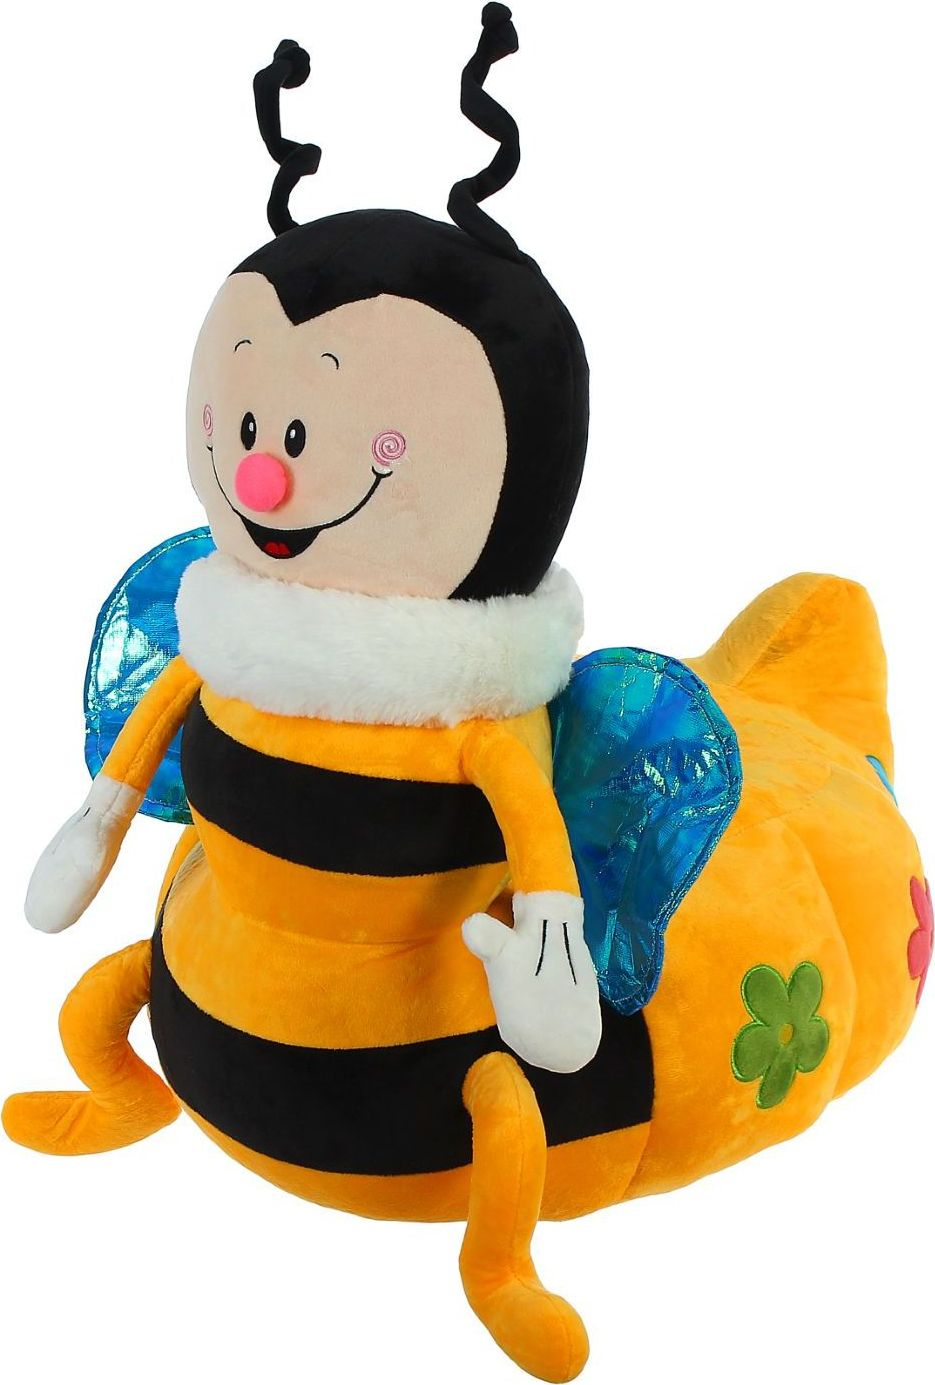 Sima-land Мягкая игрушка-кресло Пчелка цвет черный желтый